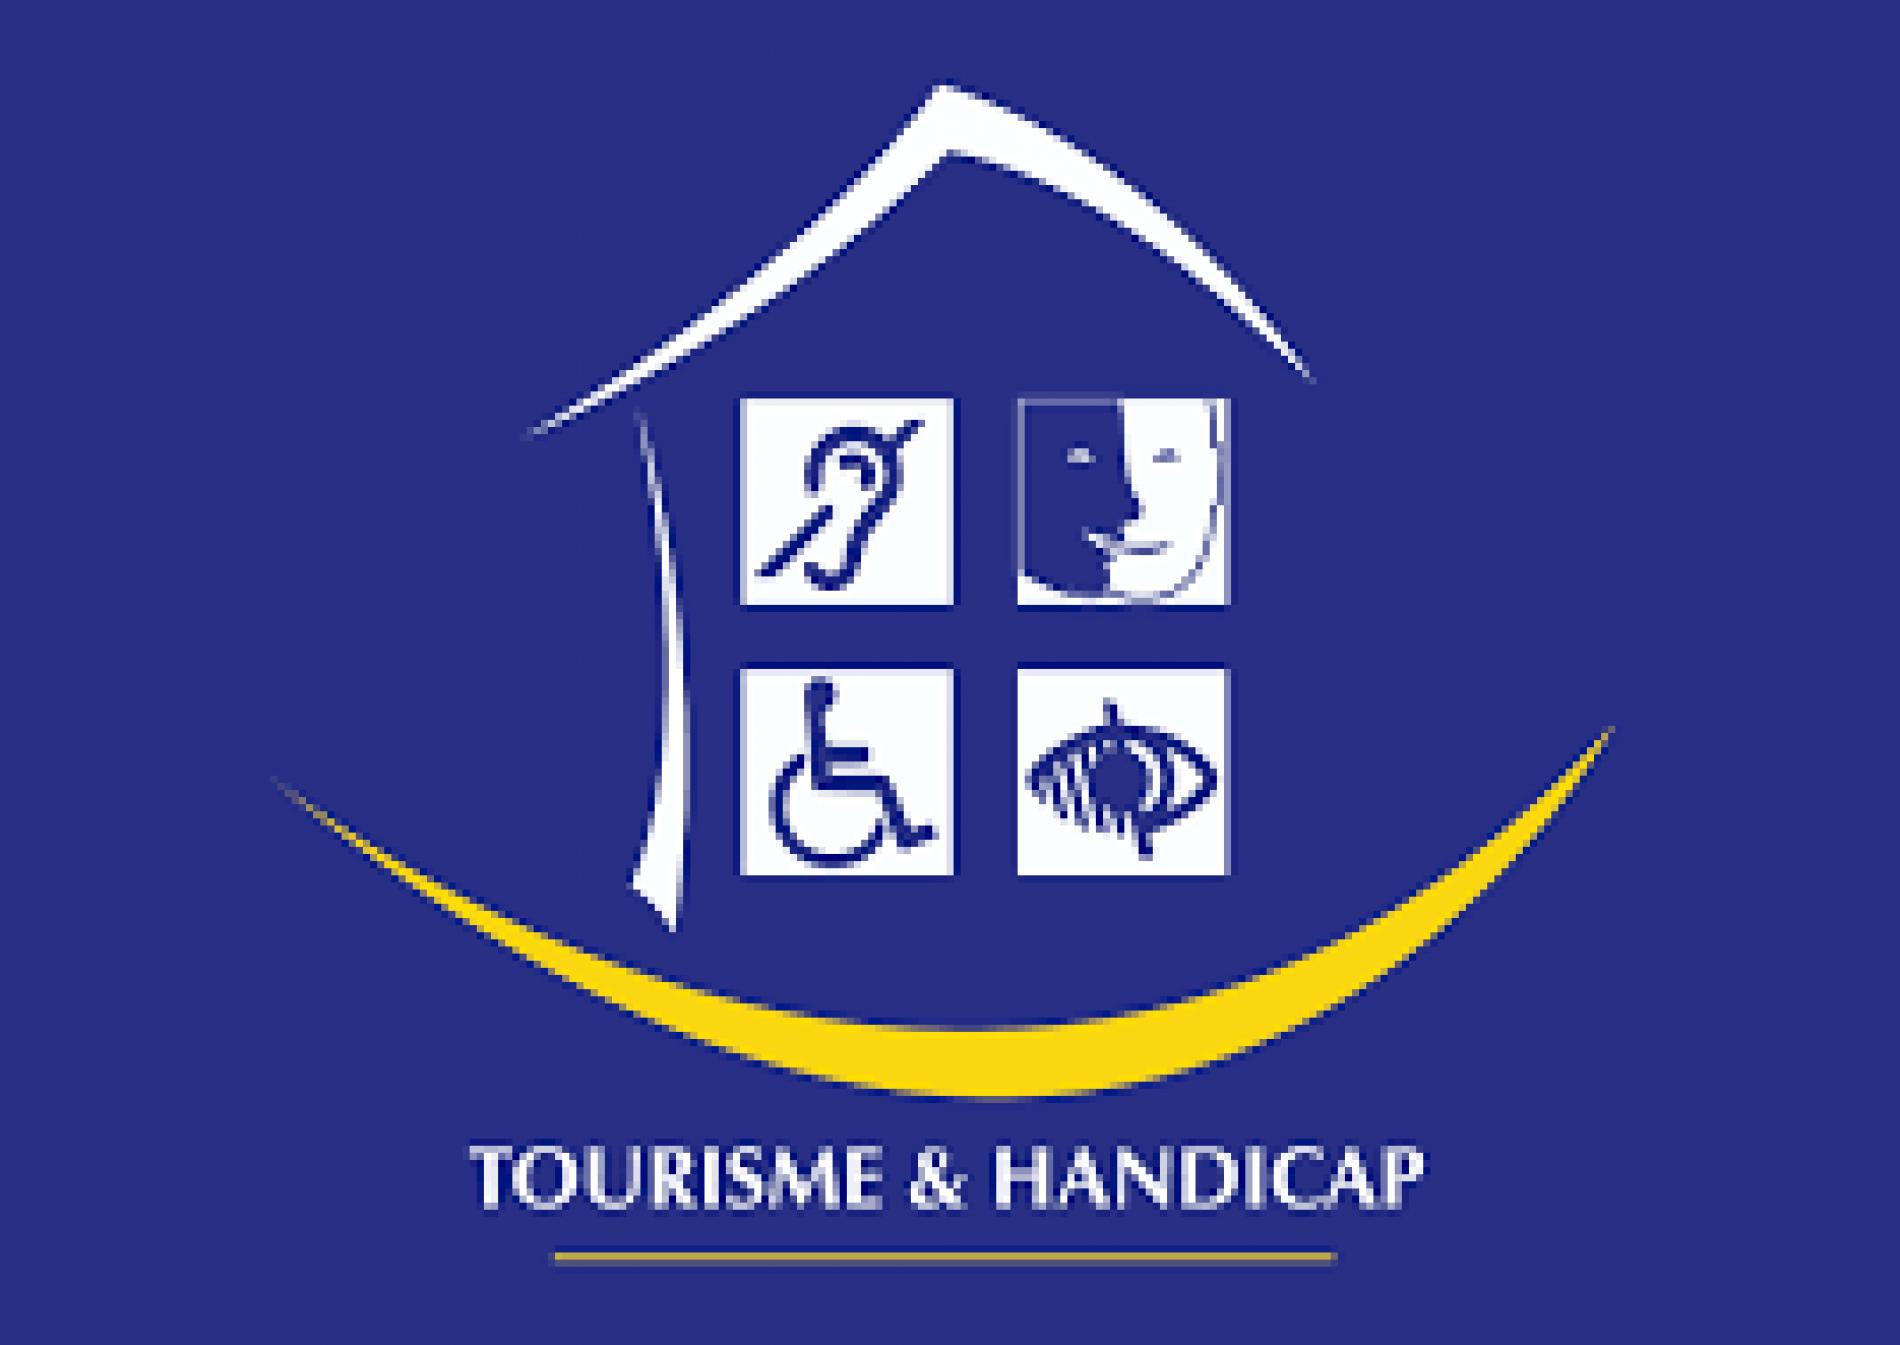 Labellisé Tourisme et handicap